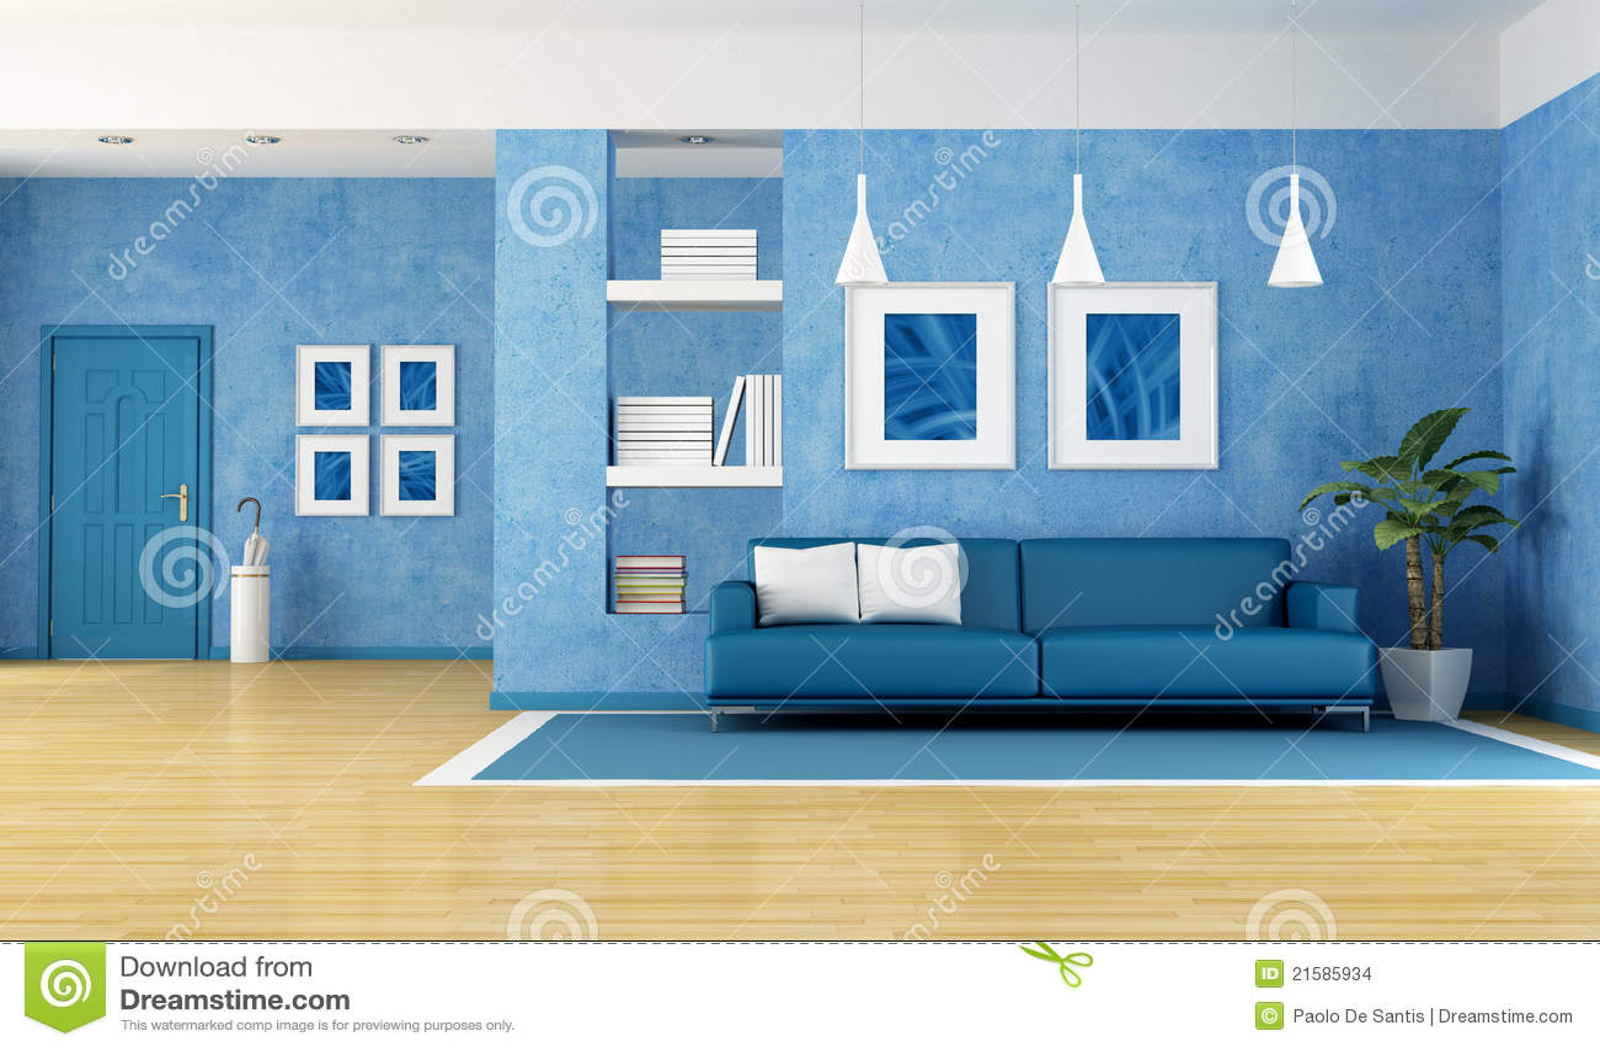 Sala De Estar En Azul ~ Sala De Estar Azul Imagenes de archivo  Imagen 21585934